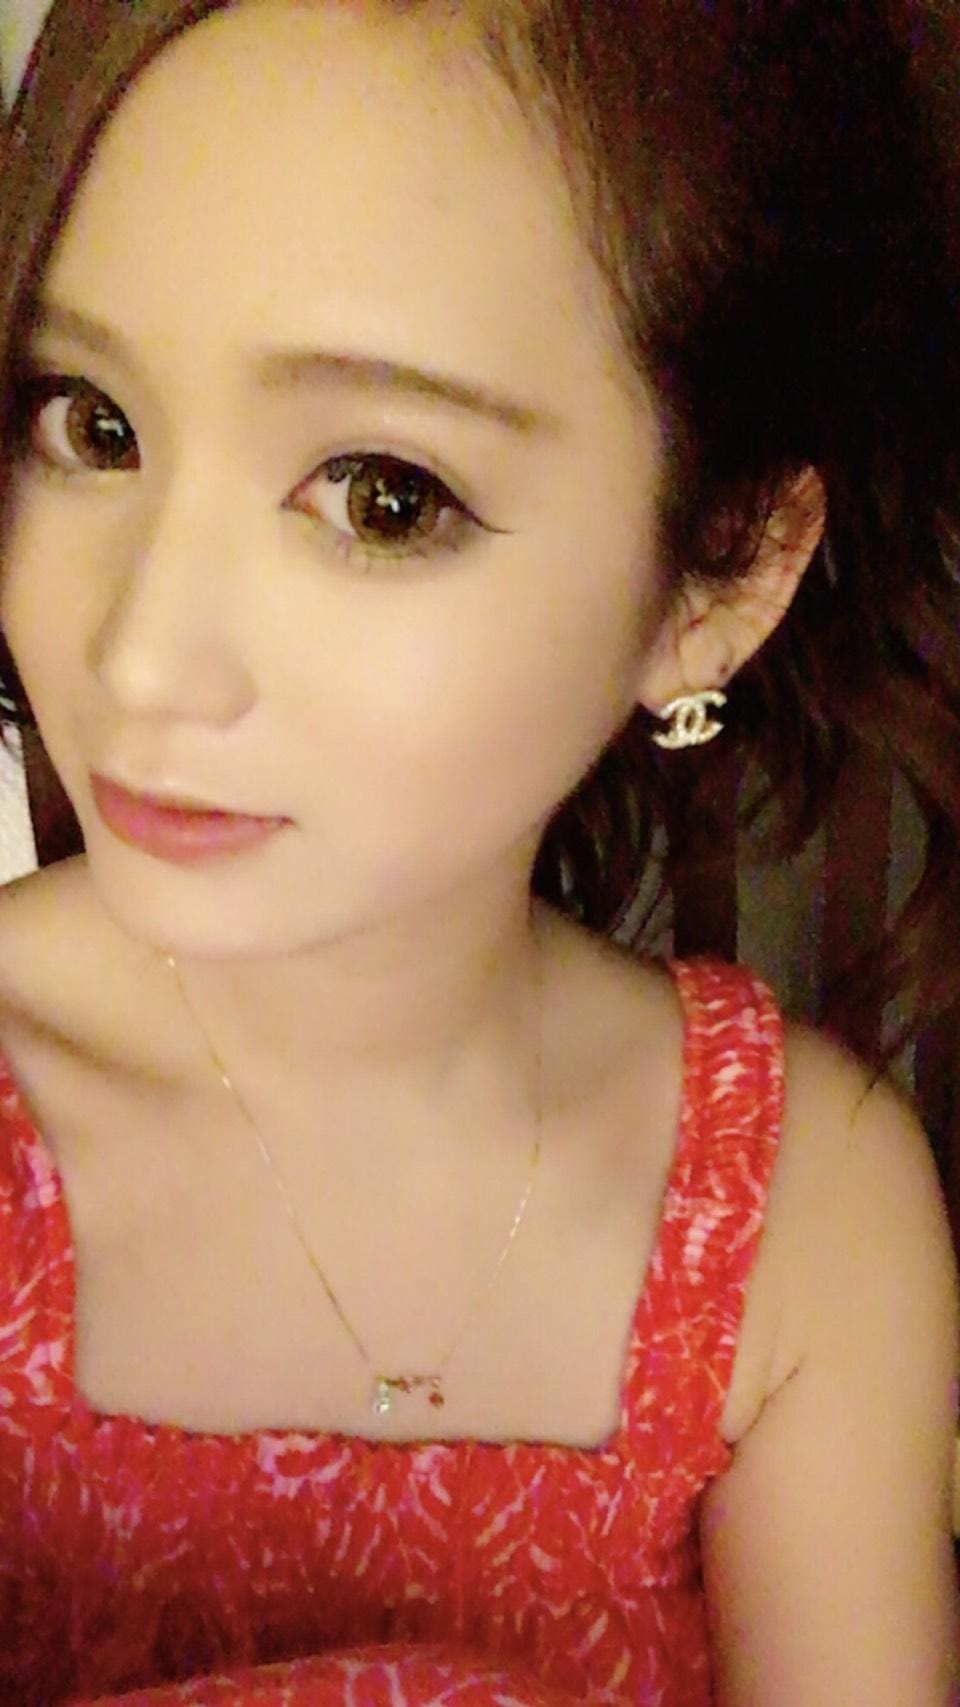 「お礼♡」10/03(10/03) 03:04   SERENAの写メ・風俗動画